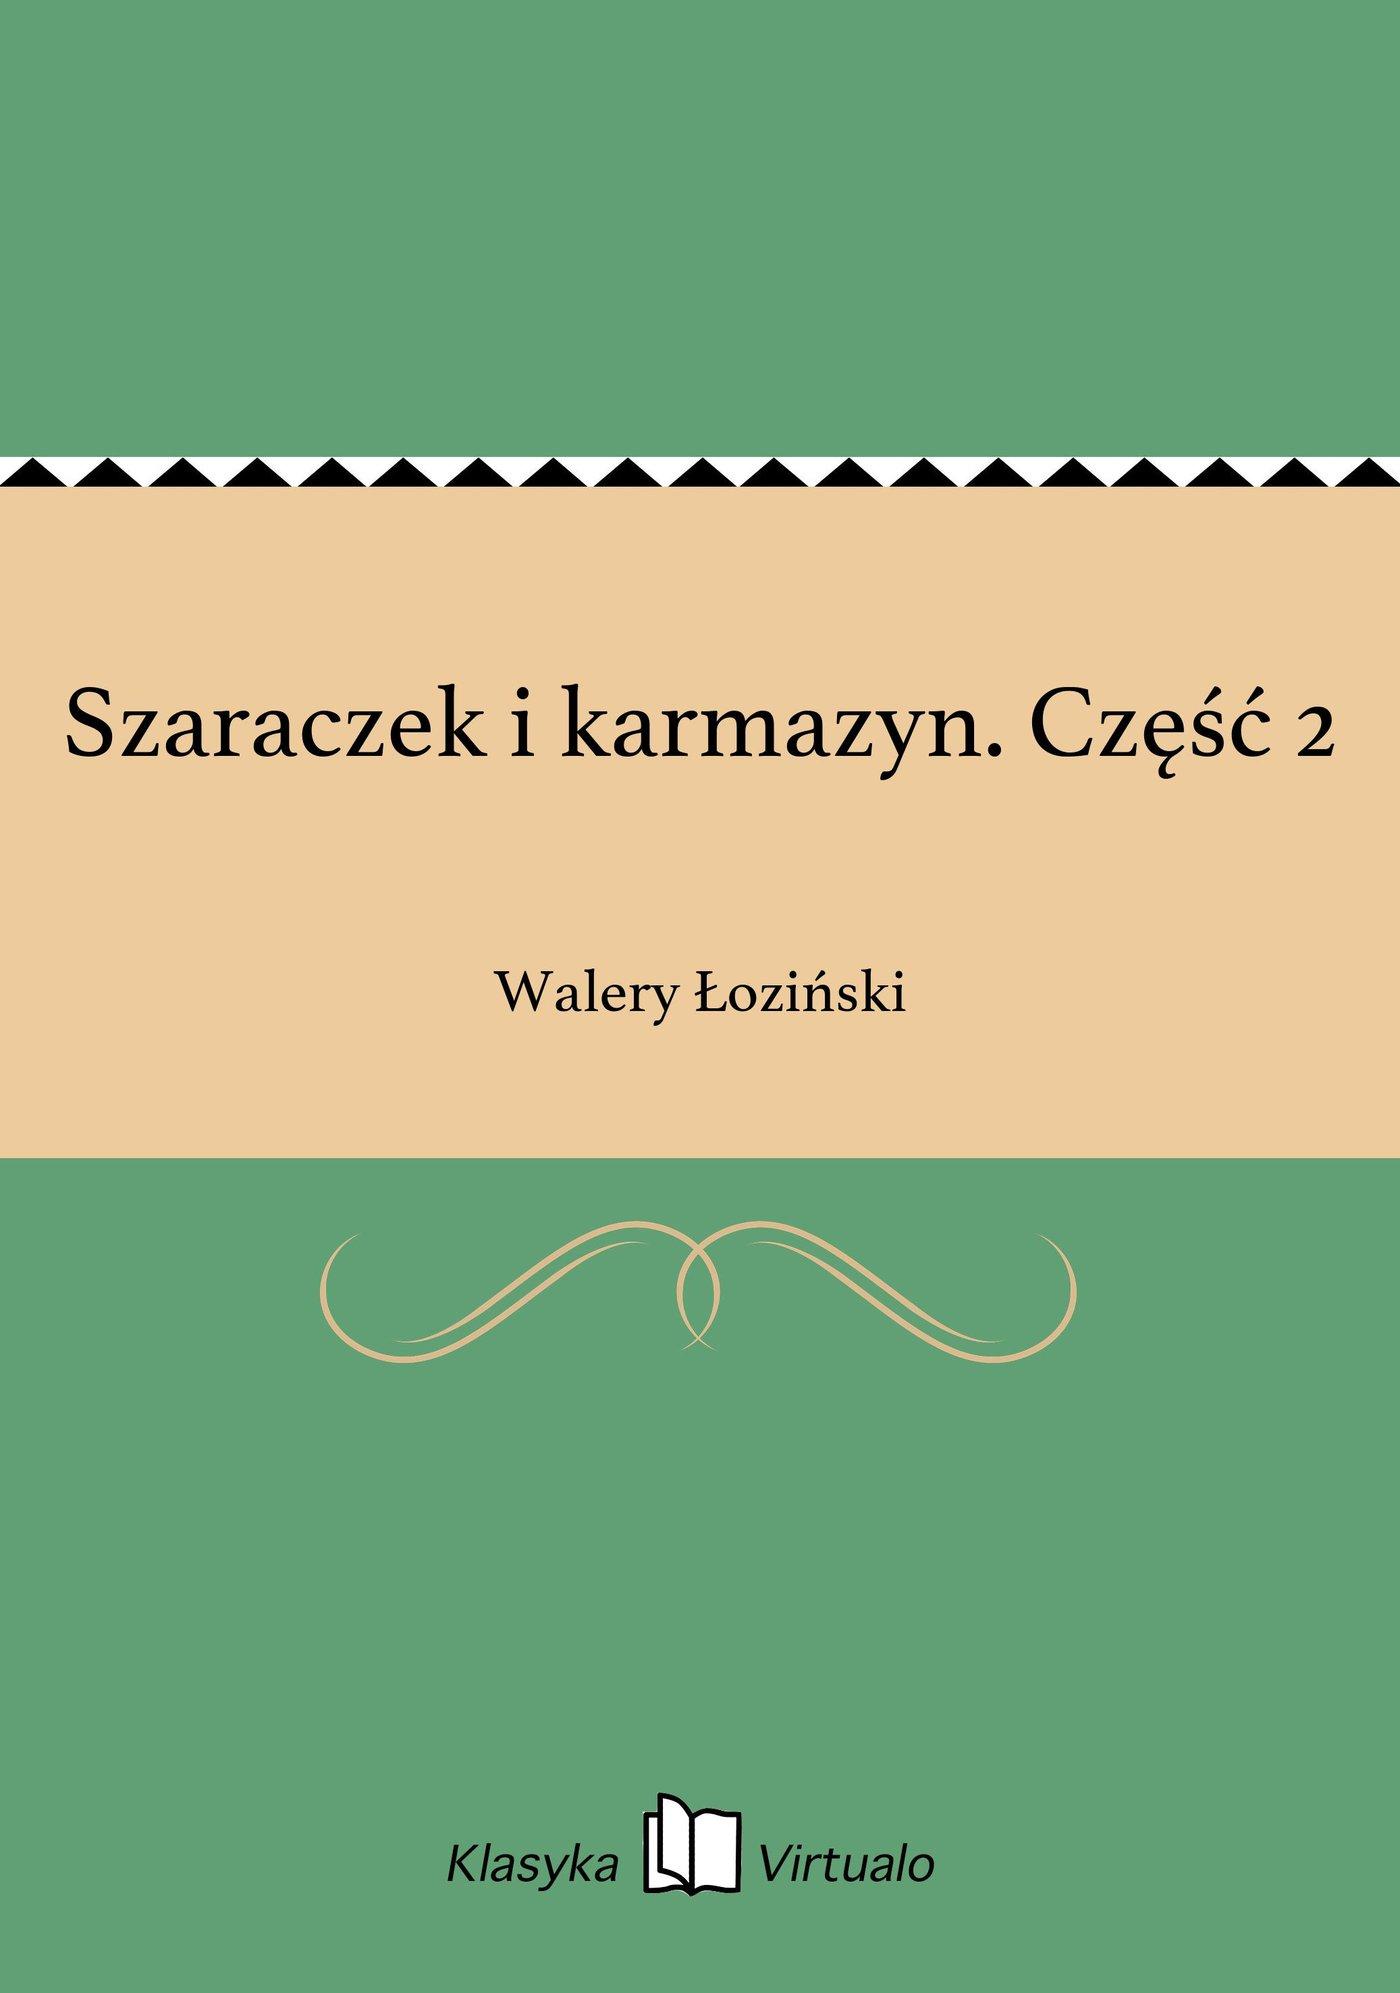 Szaraczek i karmazyn. Część 2 - Ebook (Książka EPUB) do pobrania w formacie EPUB